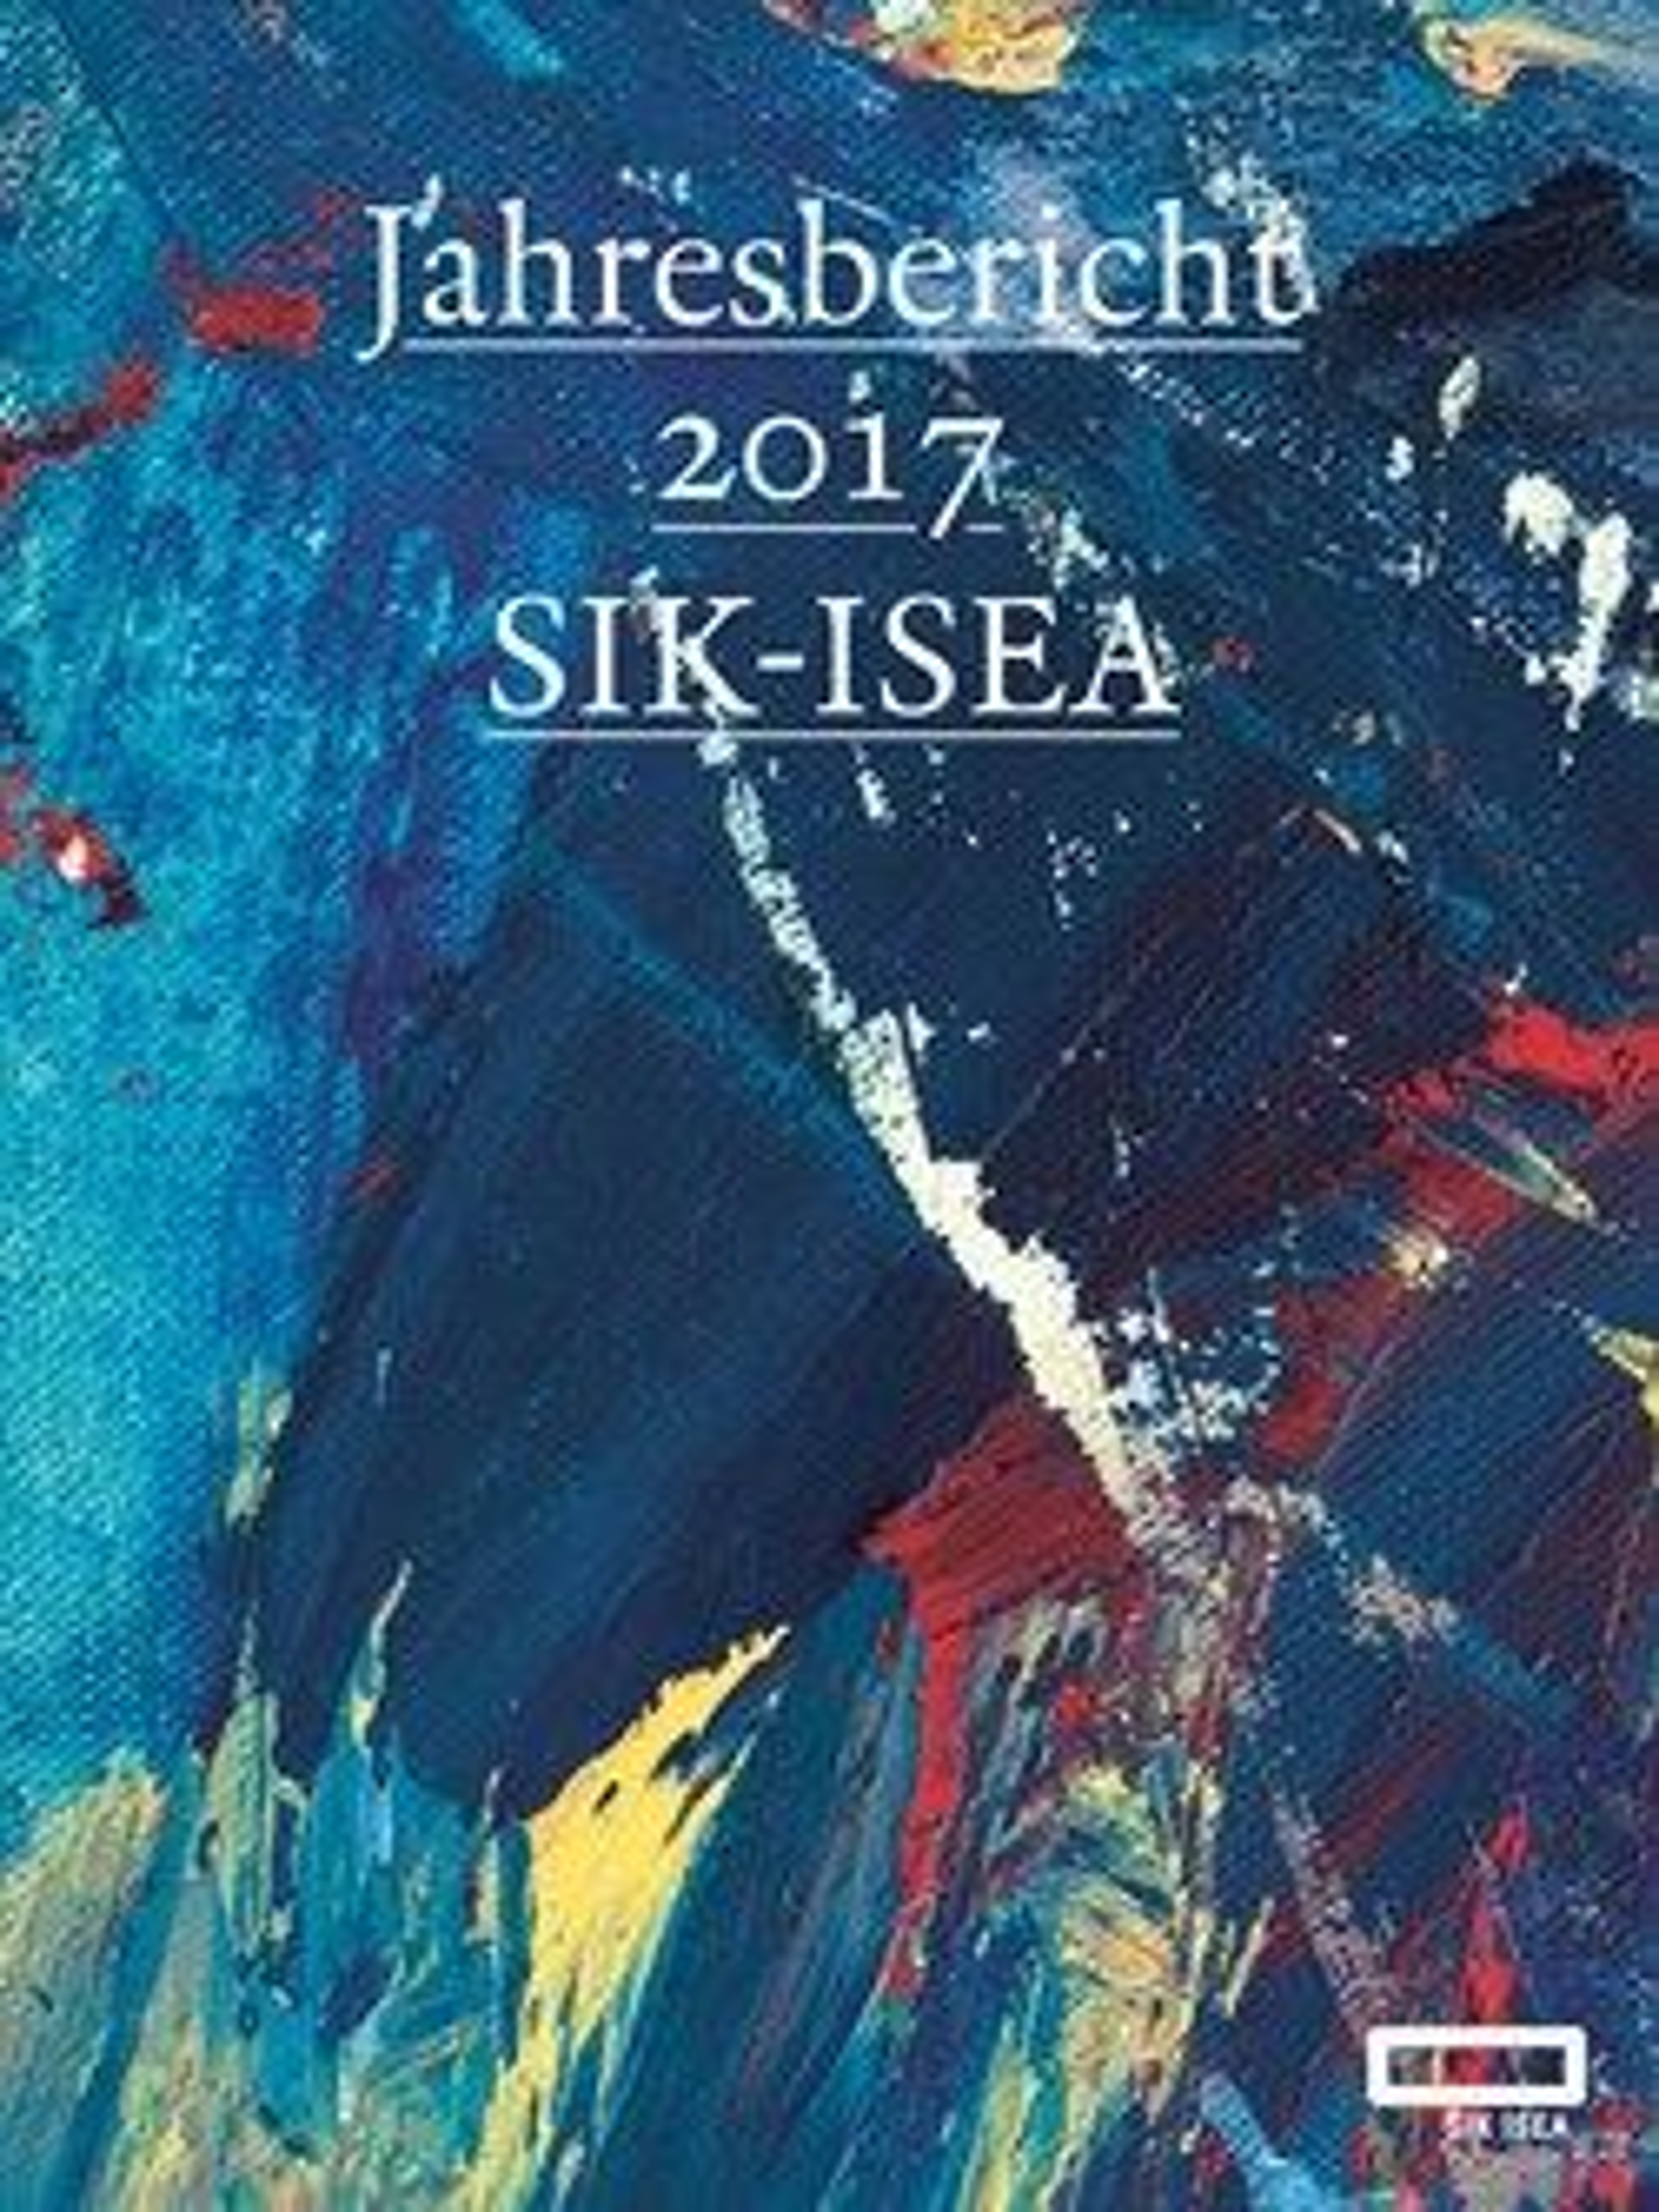 Jahresbericht 2017 SIK-ISEA / Rapport annuel 2017 SIK-ISEA 20180250